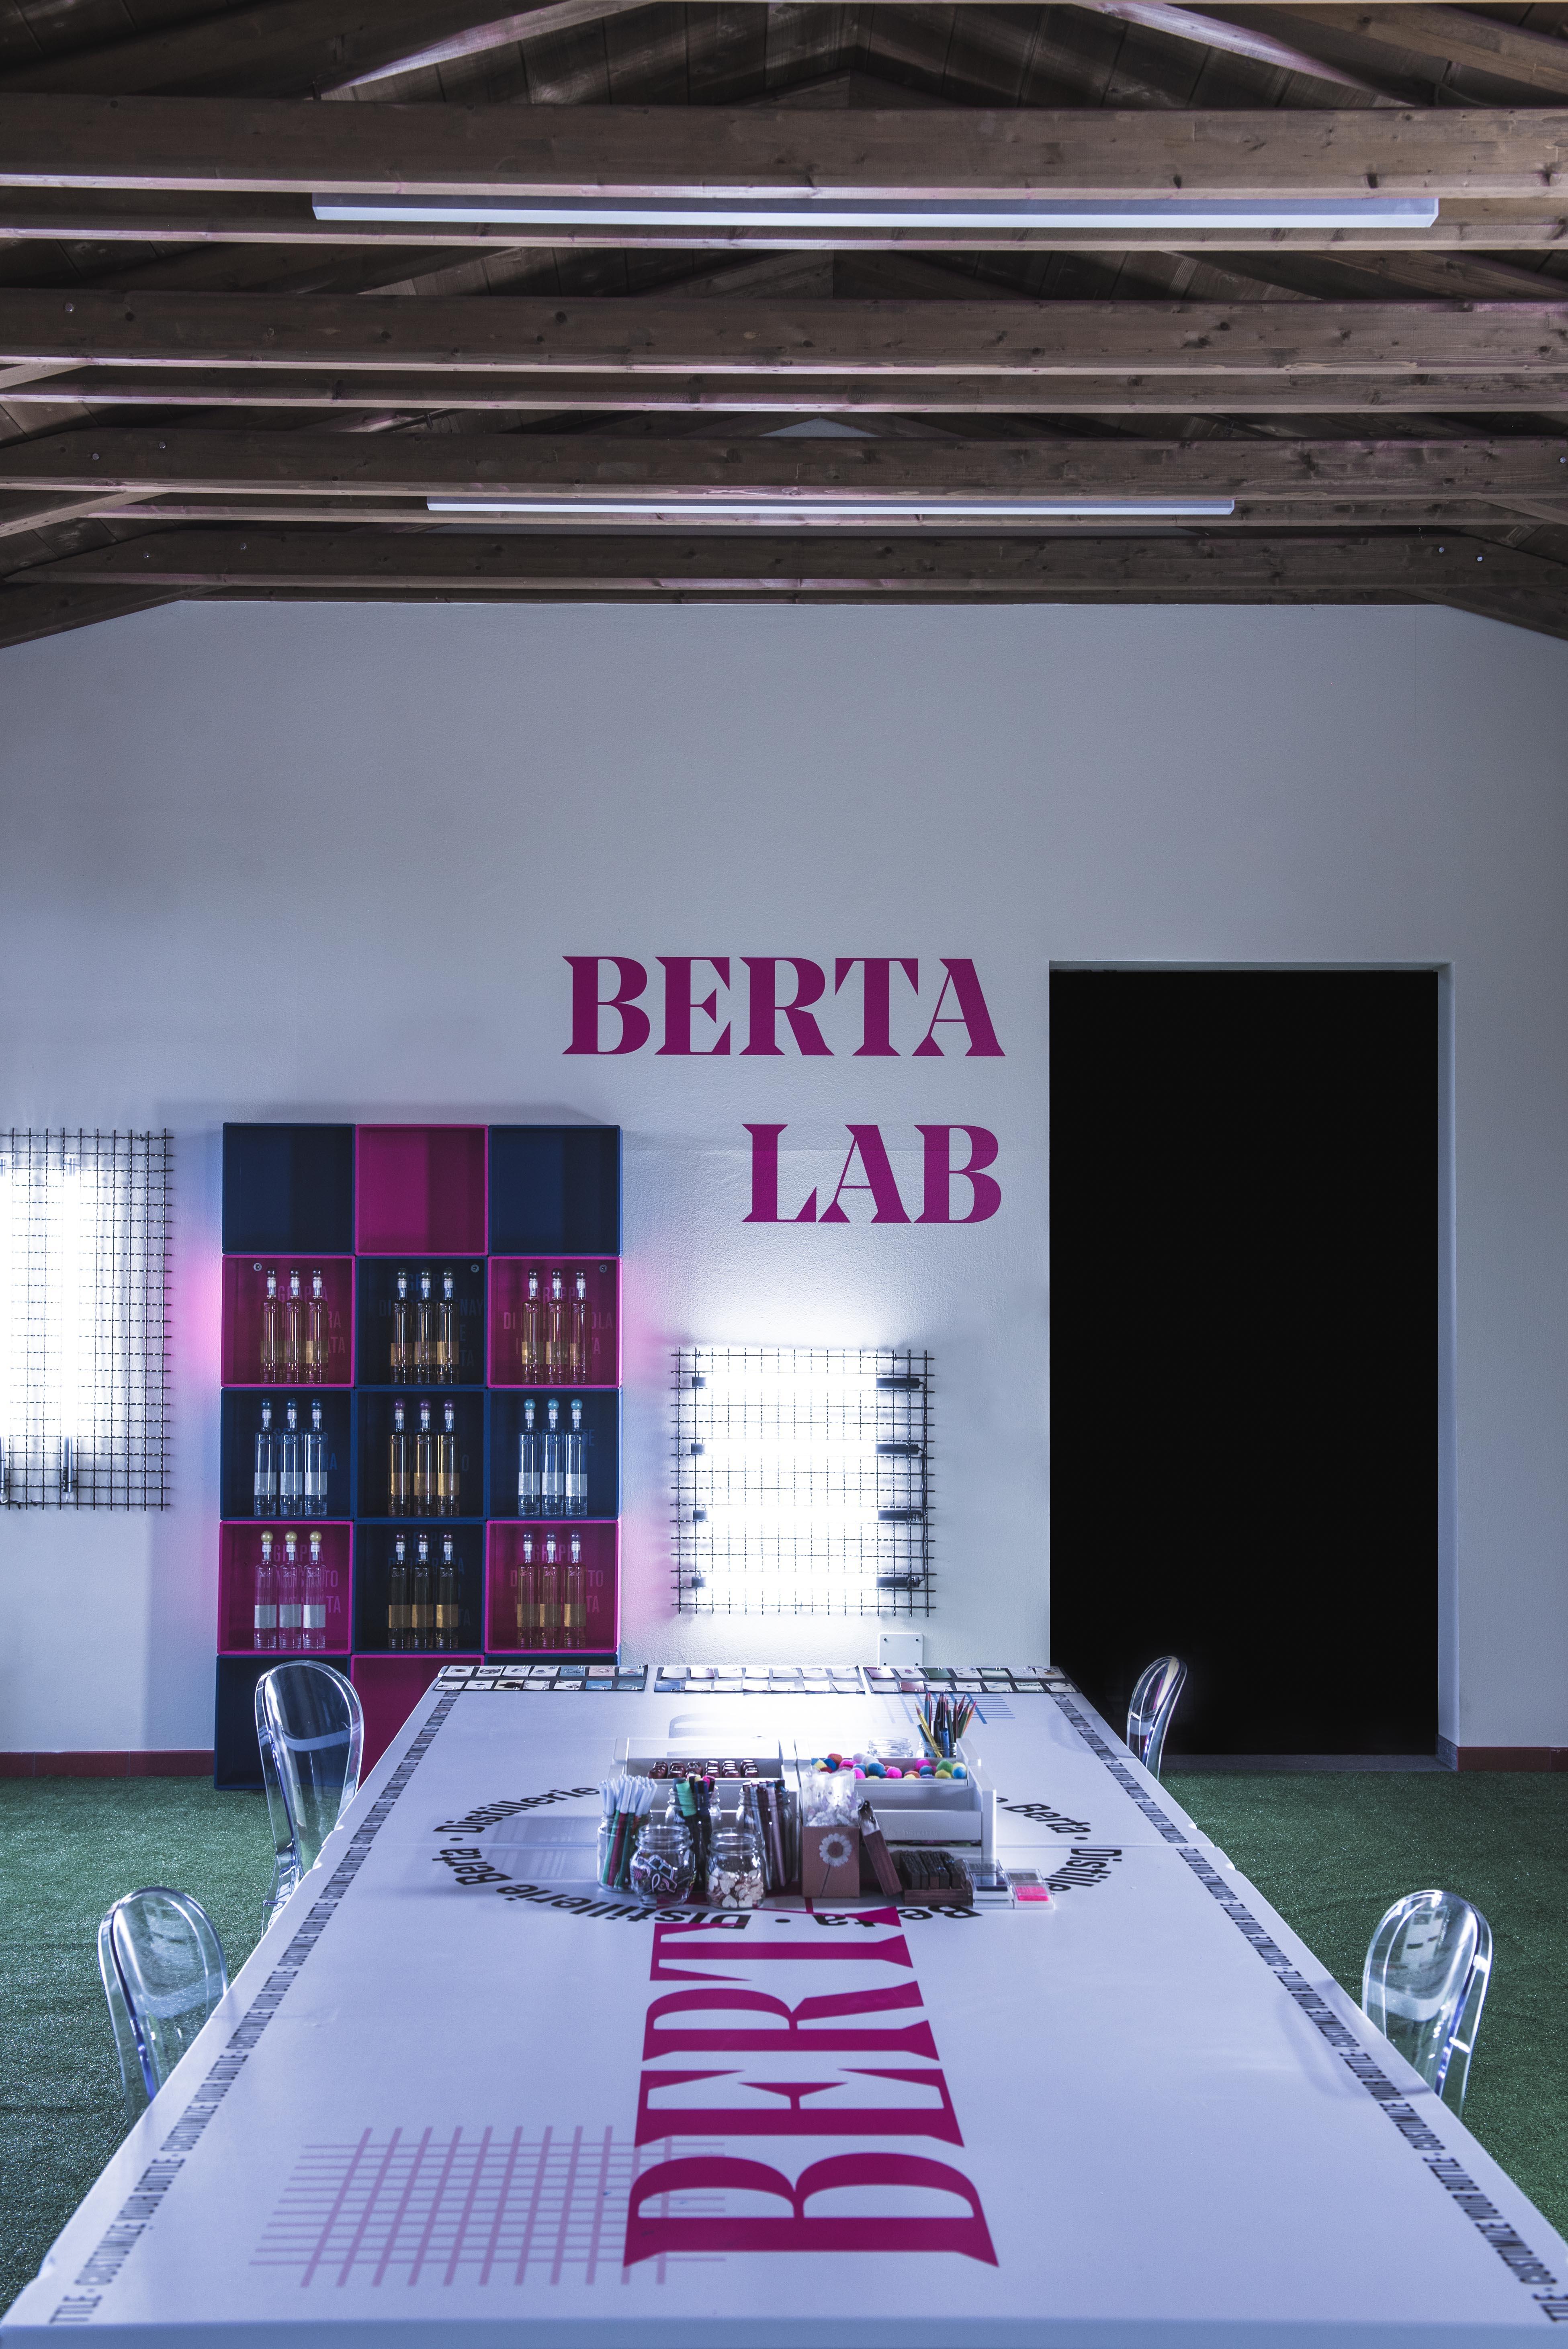 BERTA LAB: IL NUOVO SPAZIO DEDICATO ALLA CREATIVITA'